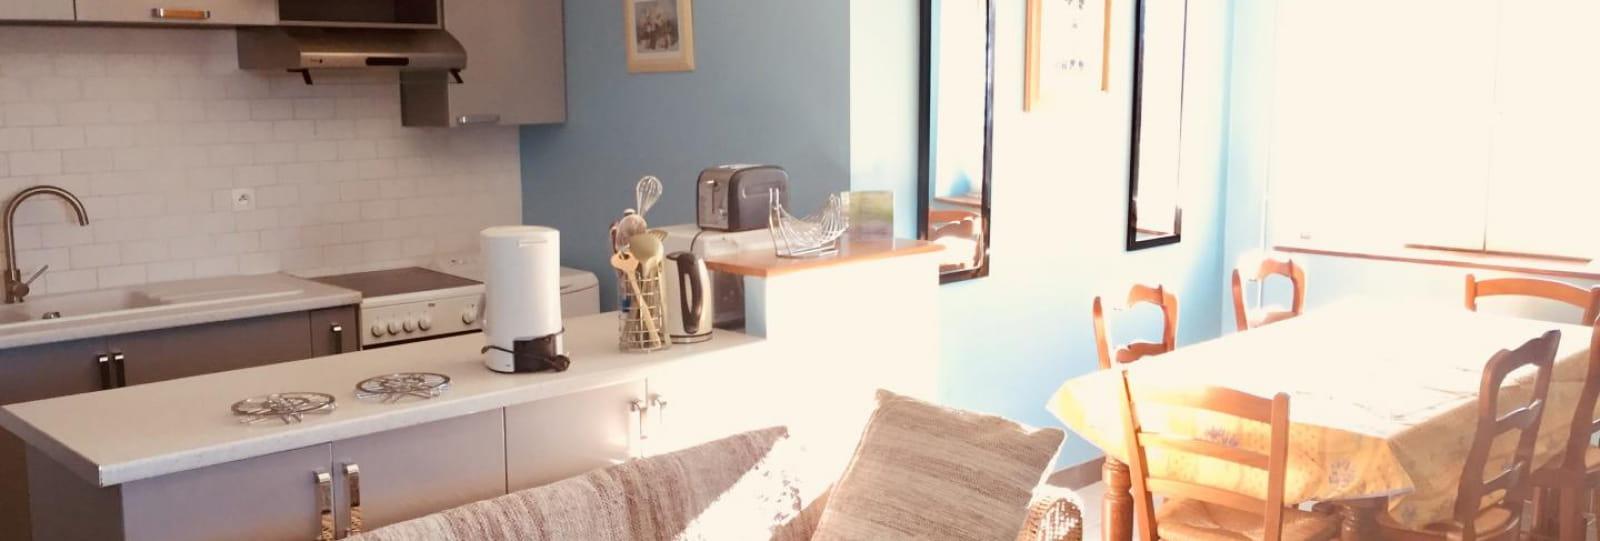 Cuisine ouverte sur séjour et salle à manger. Grande pièce agréable à vivre de 30 m².